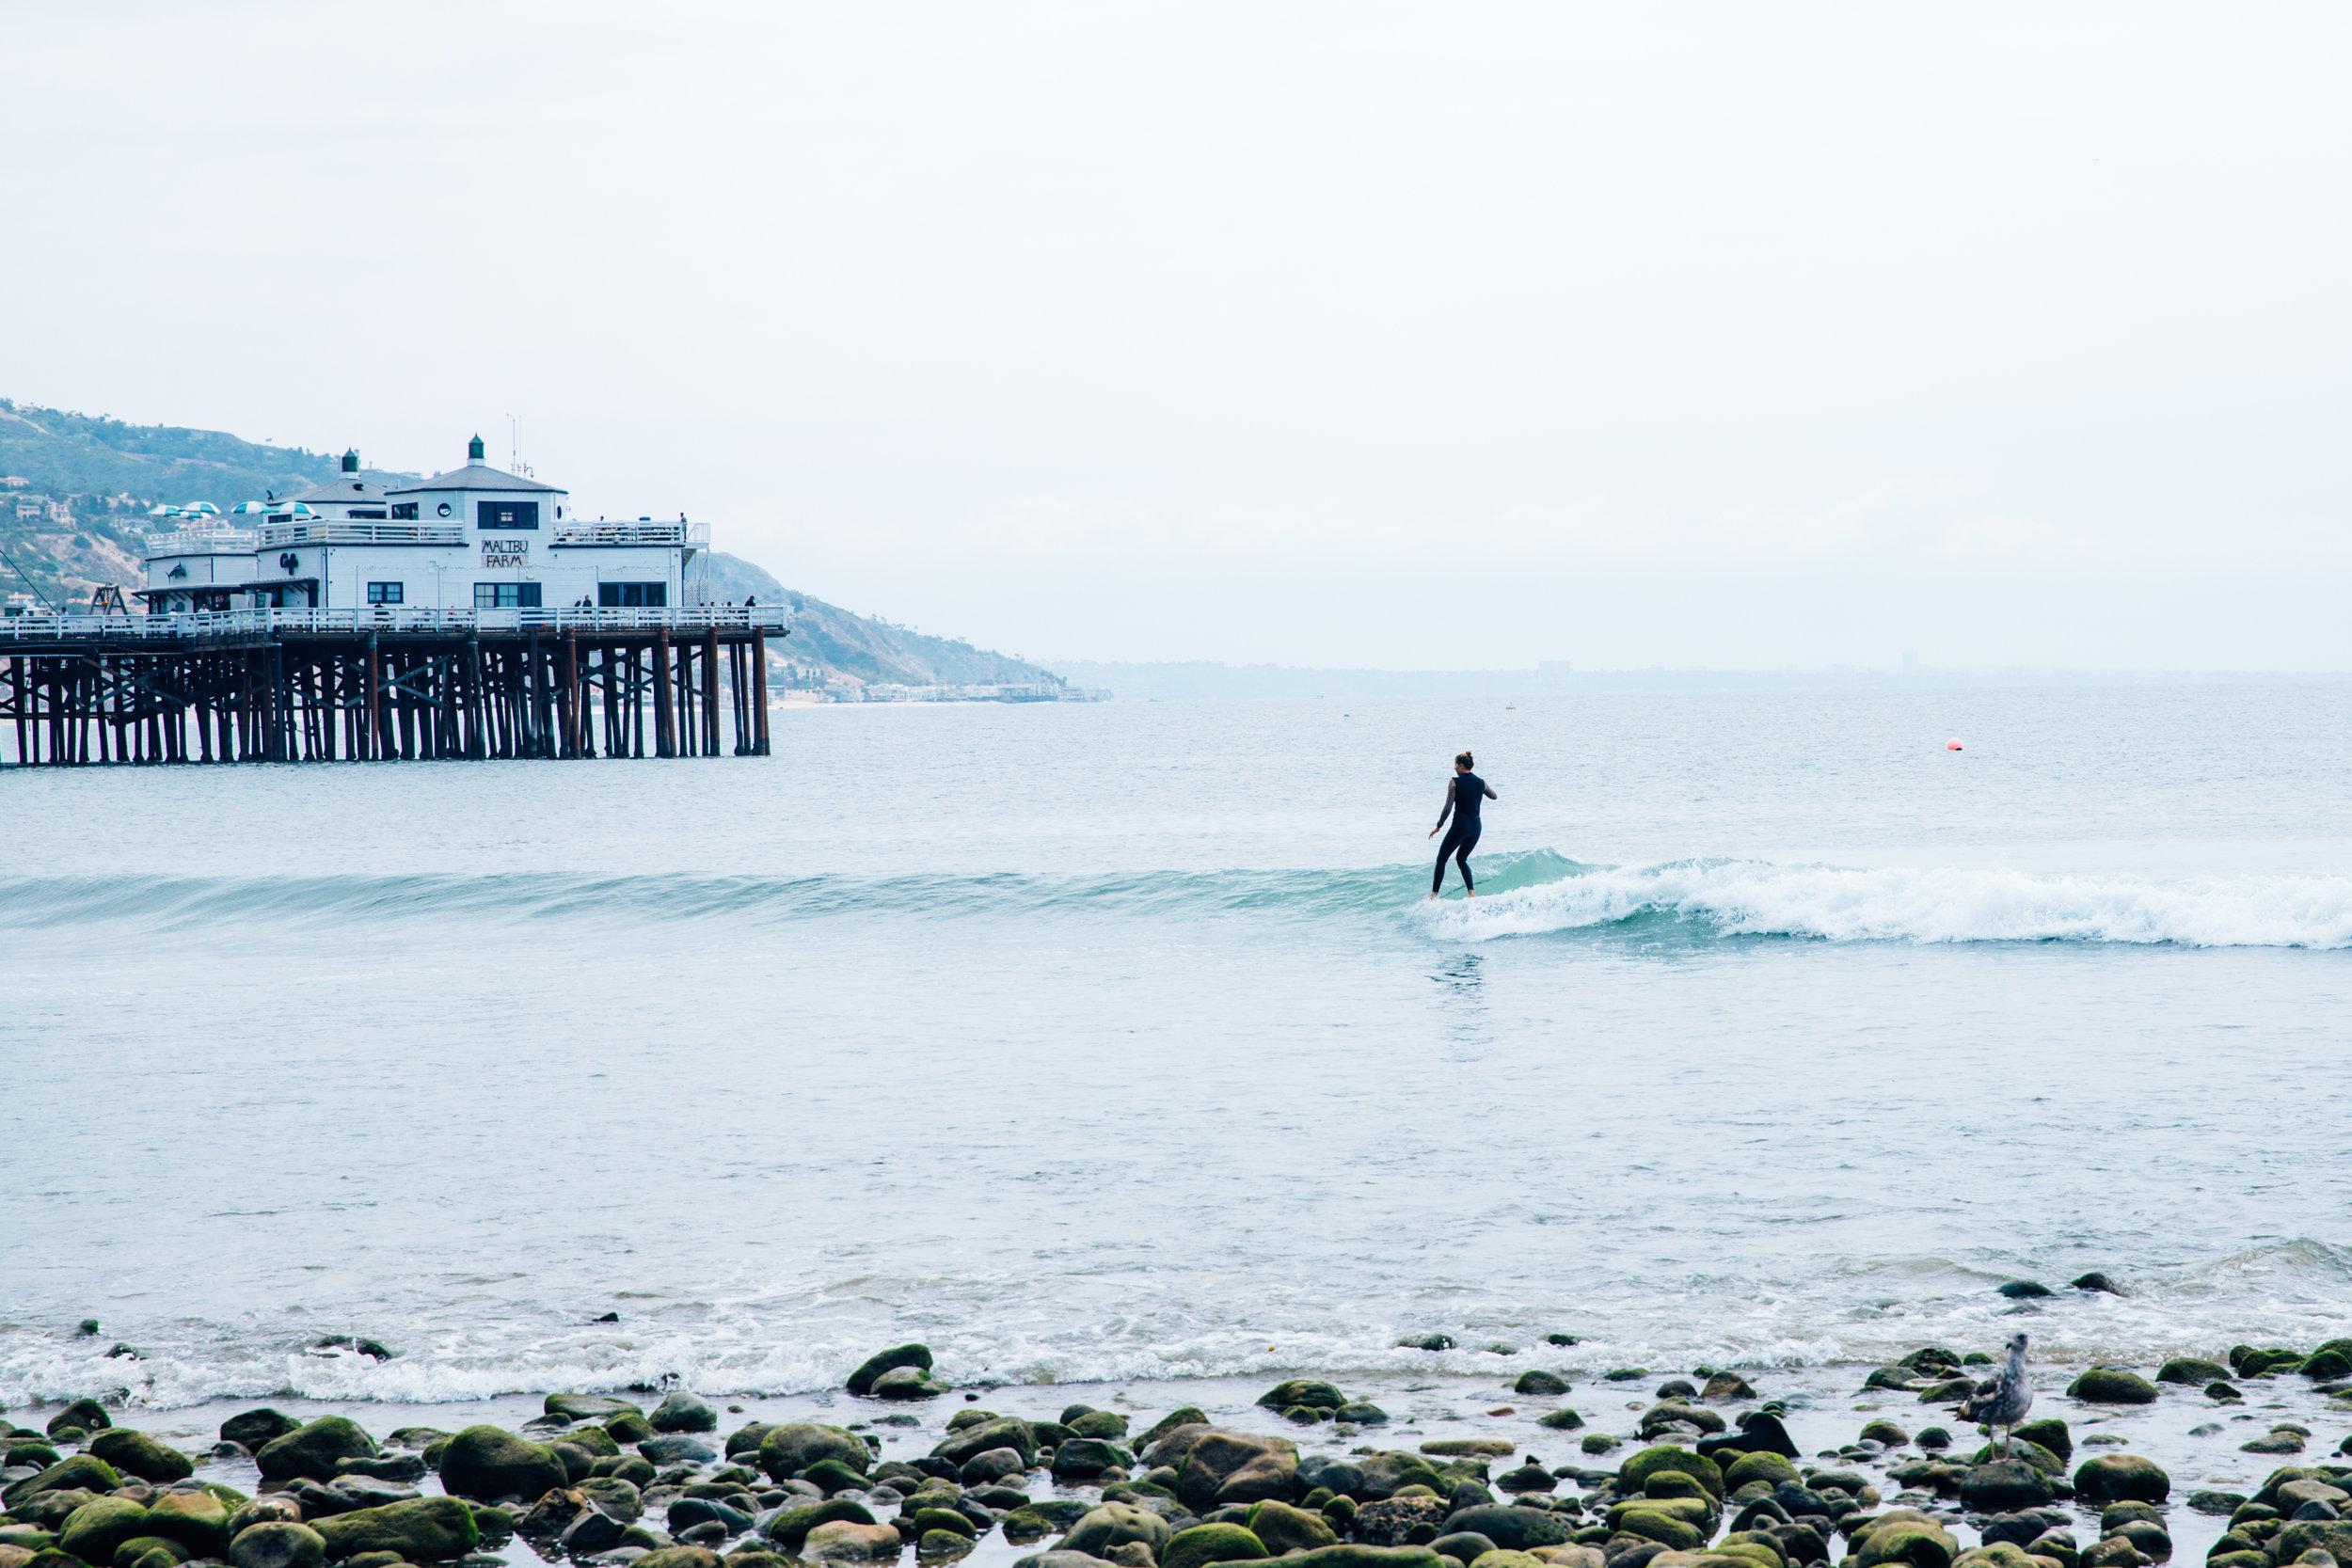 surf_relik-5.jpg